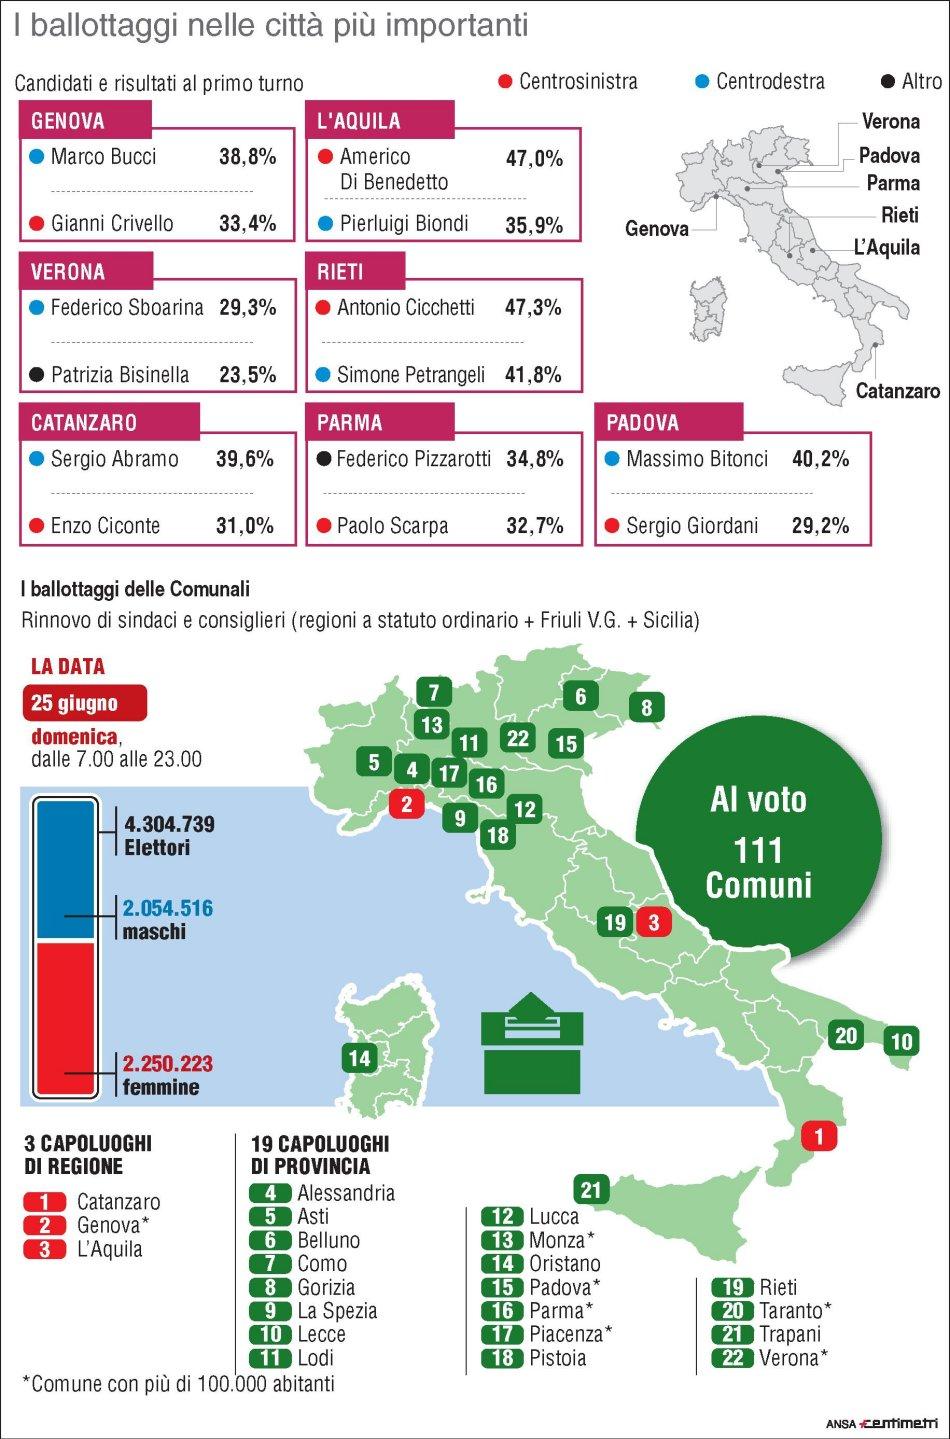 Ballottaggi Amministrative 2017: risultati e speciali diretta tv Rai, Mediaset, La7 e Sky Tg24